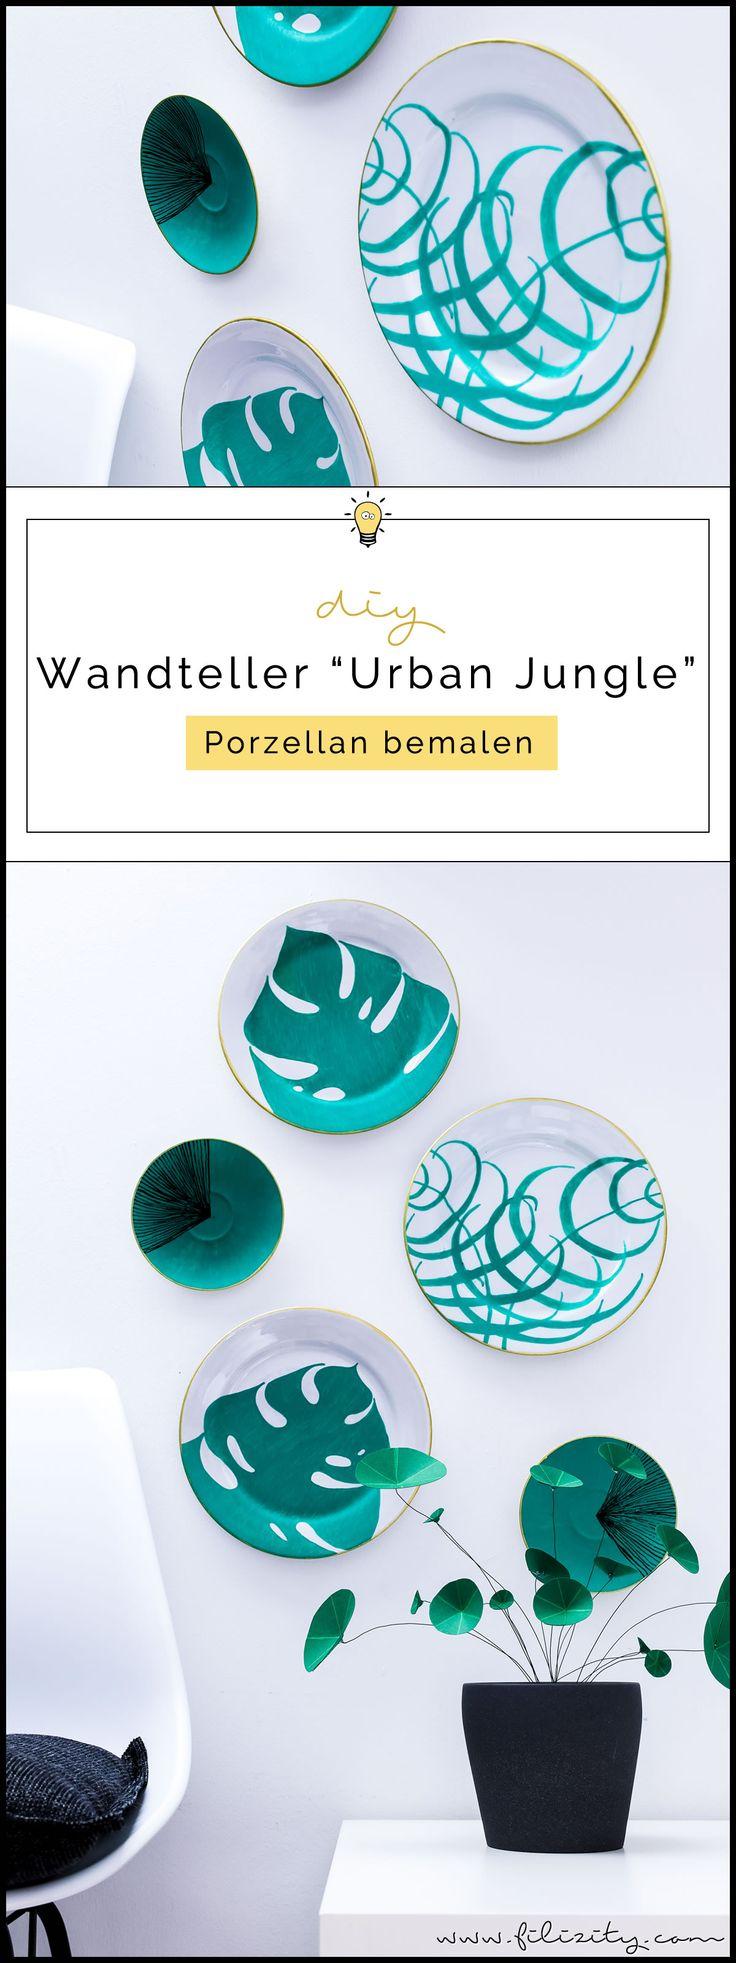 Enthält Werbung // Porzellan bemalen mit PILOT PINTOR – DIY Wandteller im Urban Jungle Style